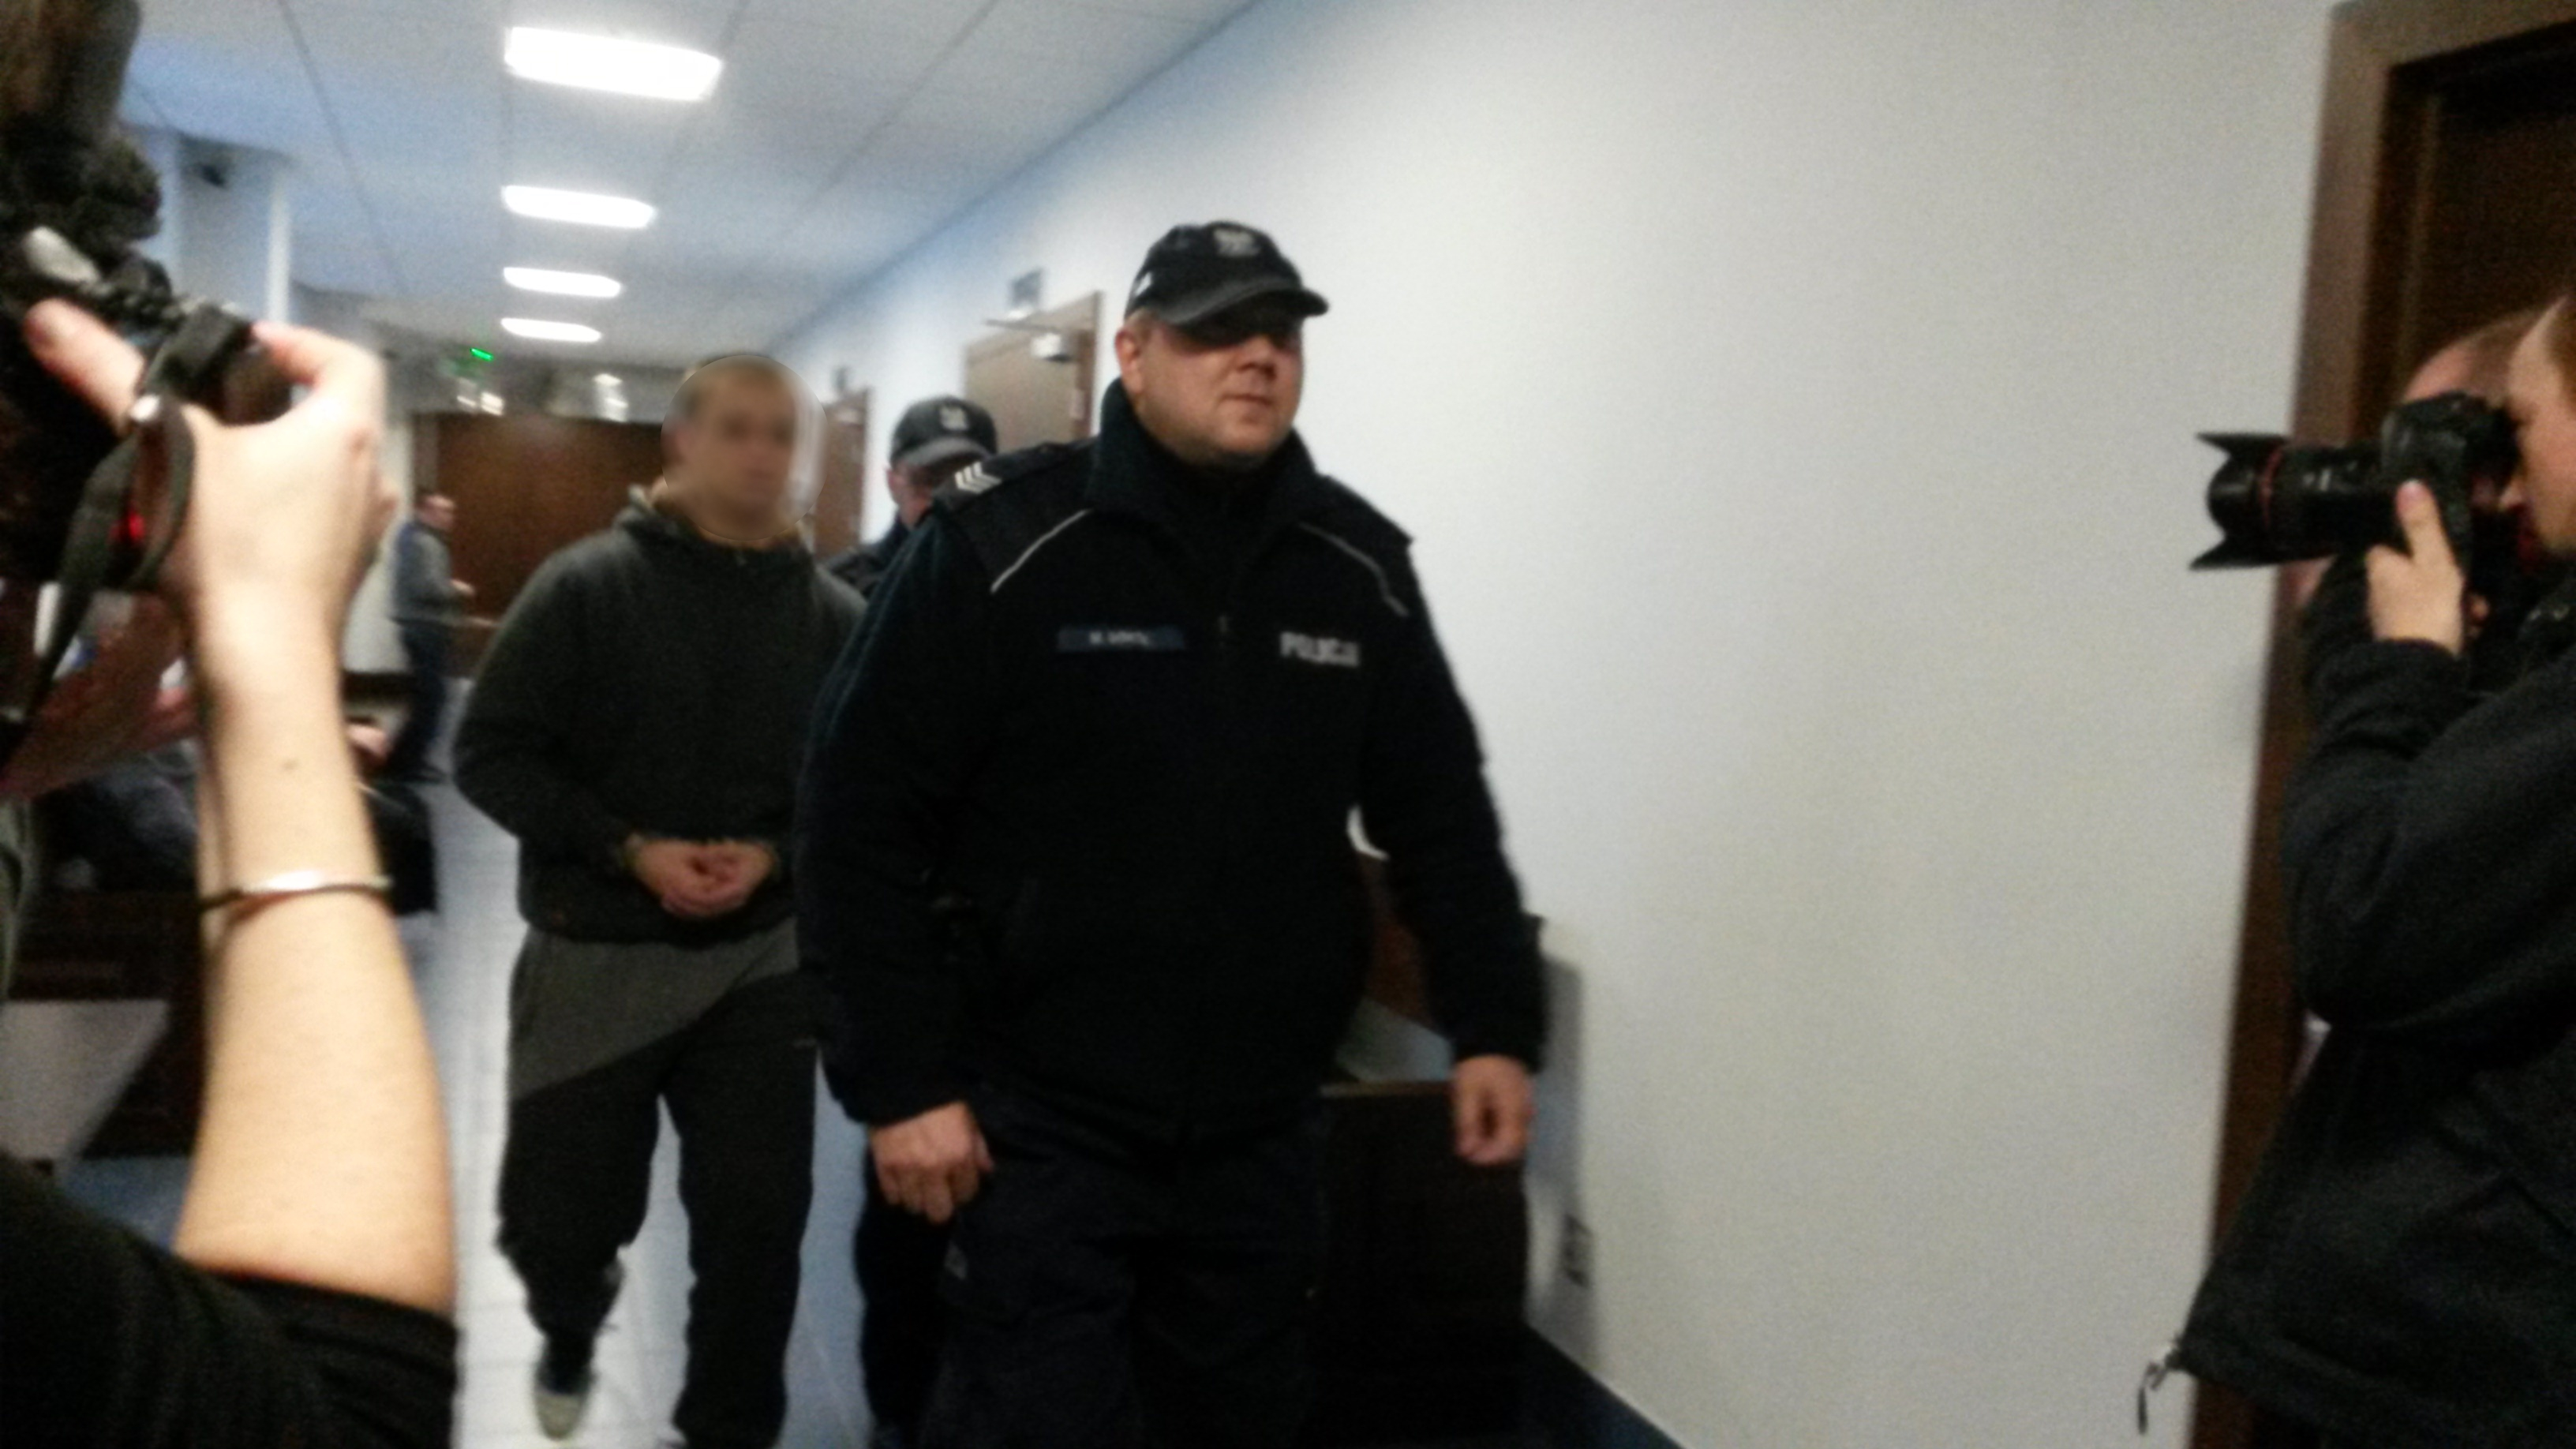 Za zamkniętymi drzwiami rozpoczął się proces Tomasza W. 21-latek oskarżony jest m.in. o gwałt na 13-letniej dziewczynce